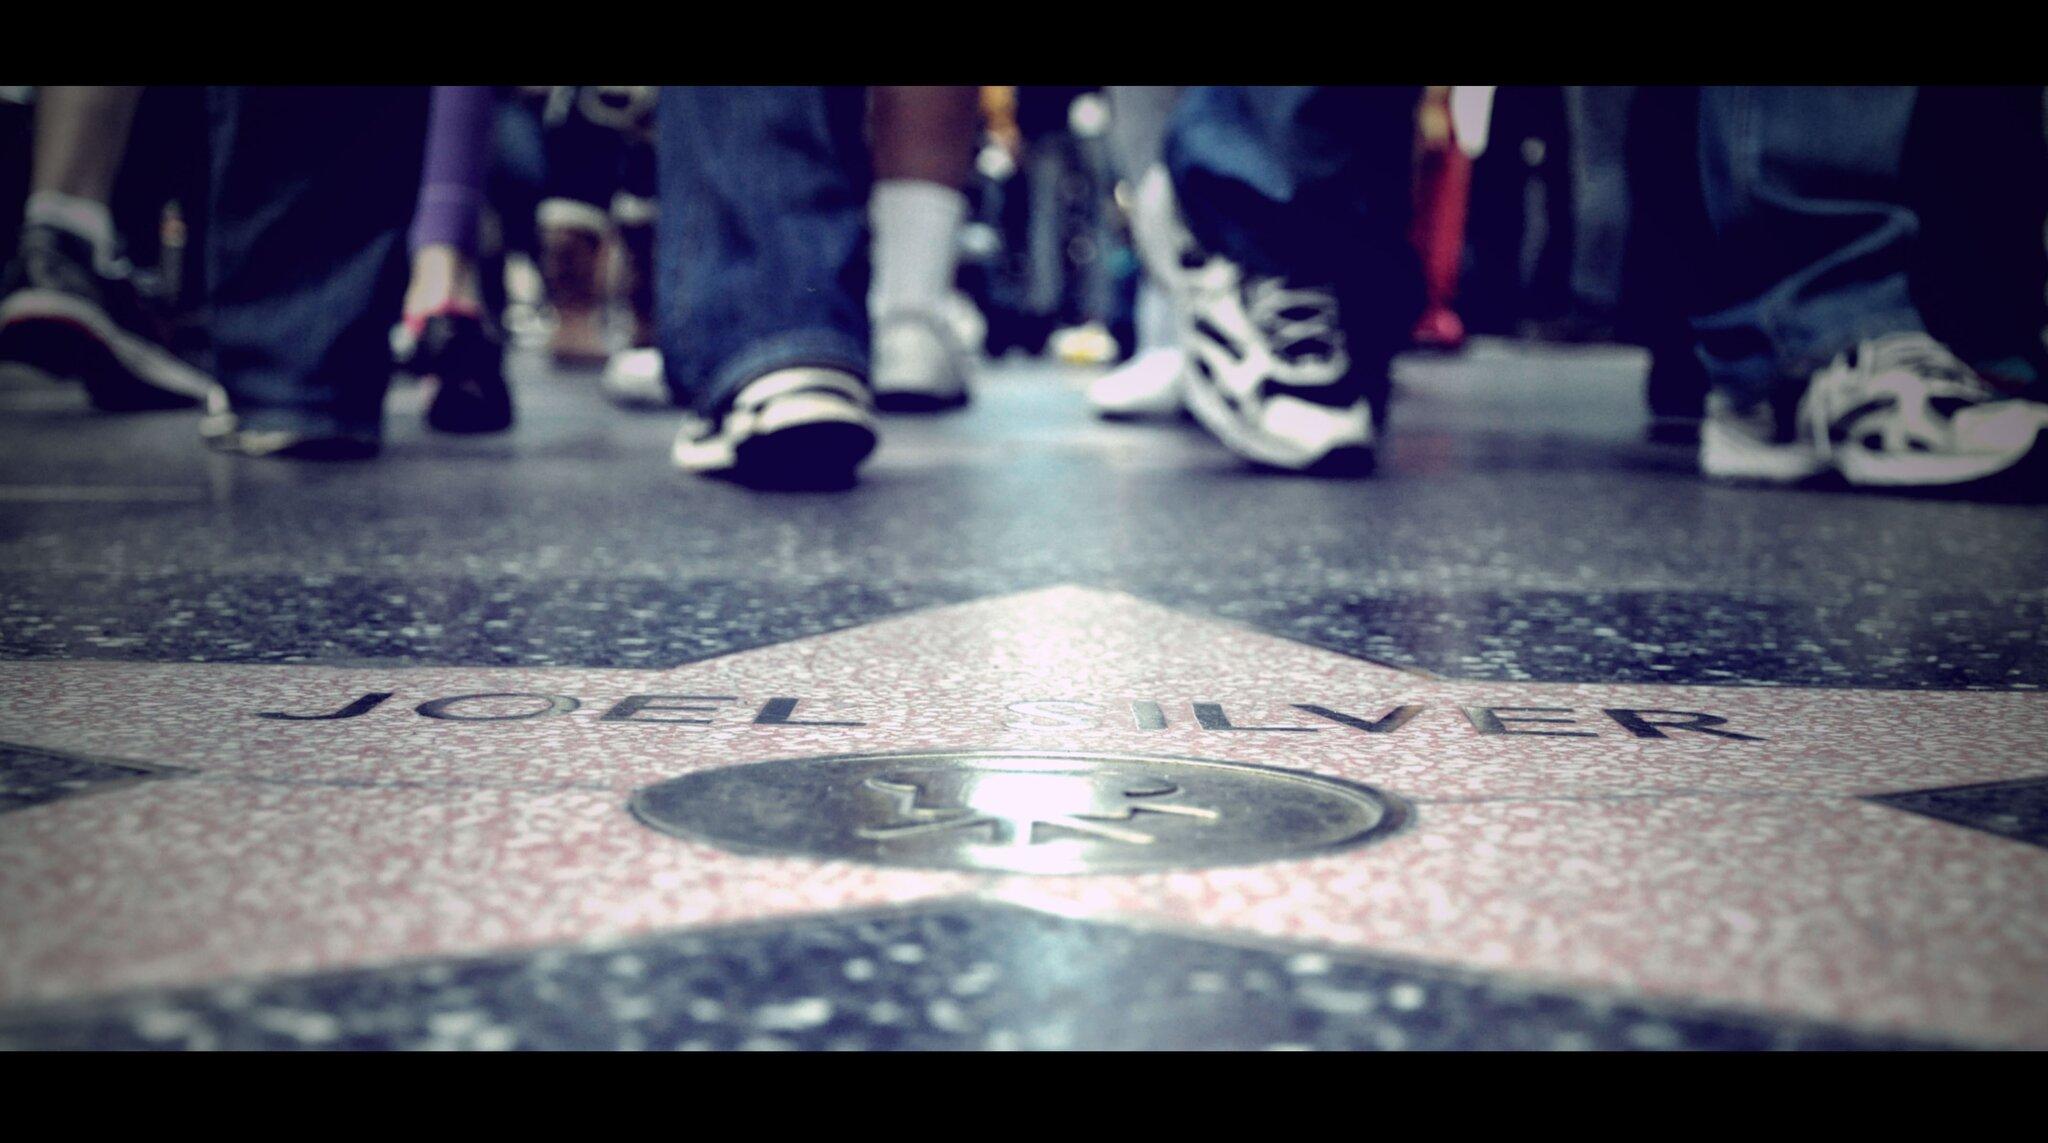 Aleja Gwiazd (Hollywood Walk of Fame). Chodnik zponad 2400 gwiazd, upamiętniających znane osobistości świata show-biznesu. Źródło: Alexis Fam, Aleja Gwiazd (Hollywood Walk of Fame). Chodnik zponad 2400 gwiazd, upamiętniających znane osobistości świata show-biznesu., licencja: CC BY 2.0.